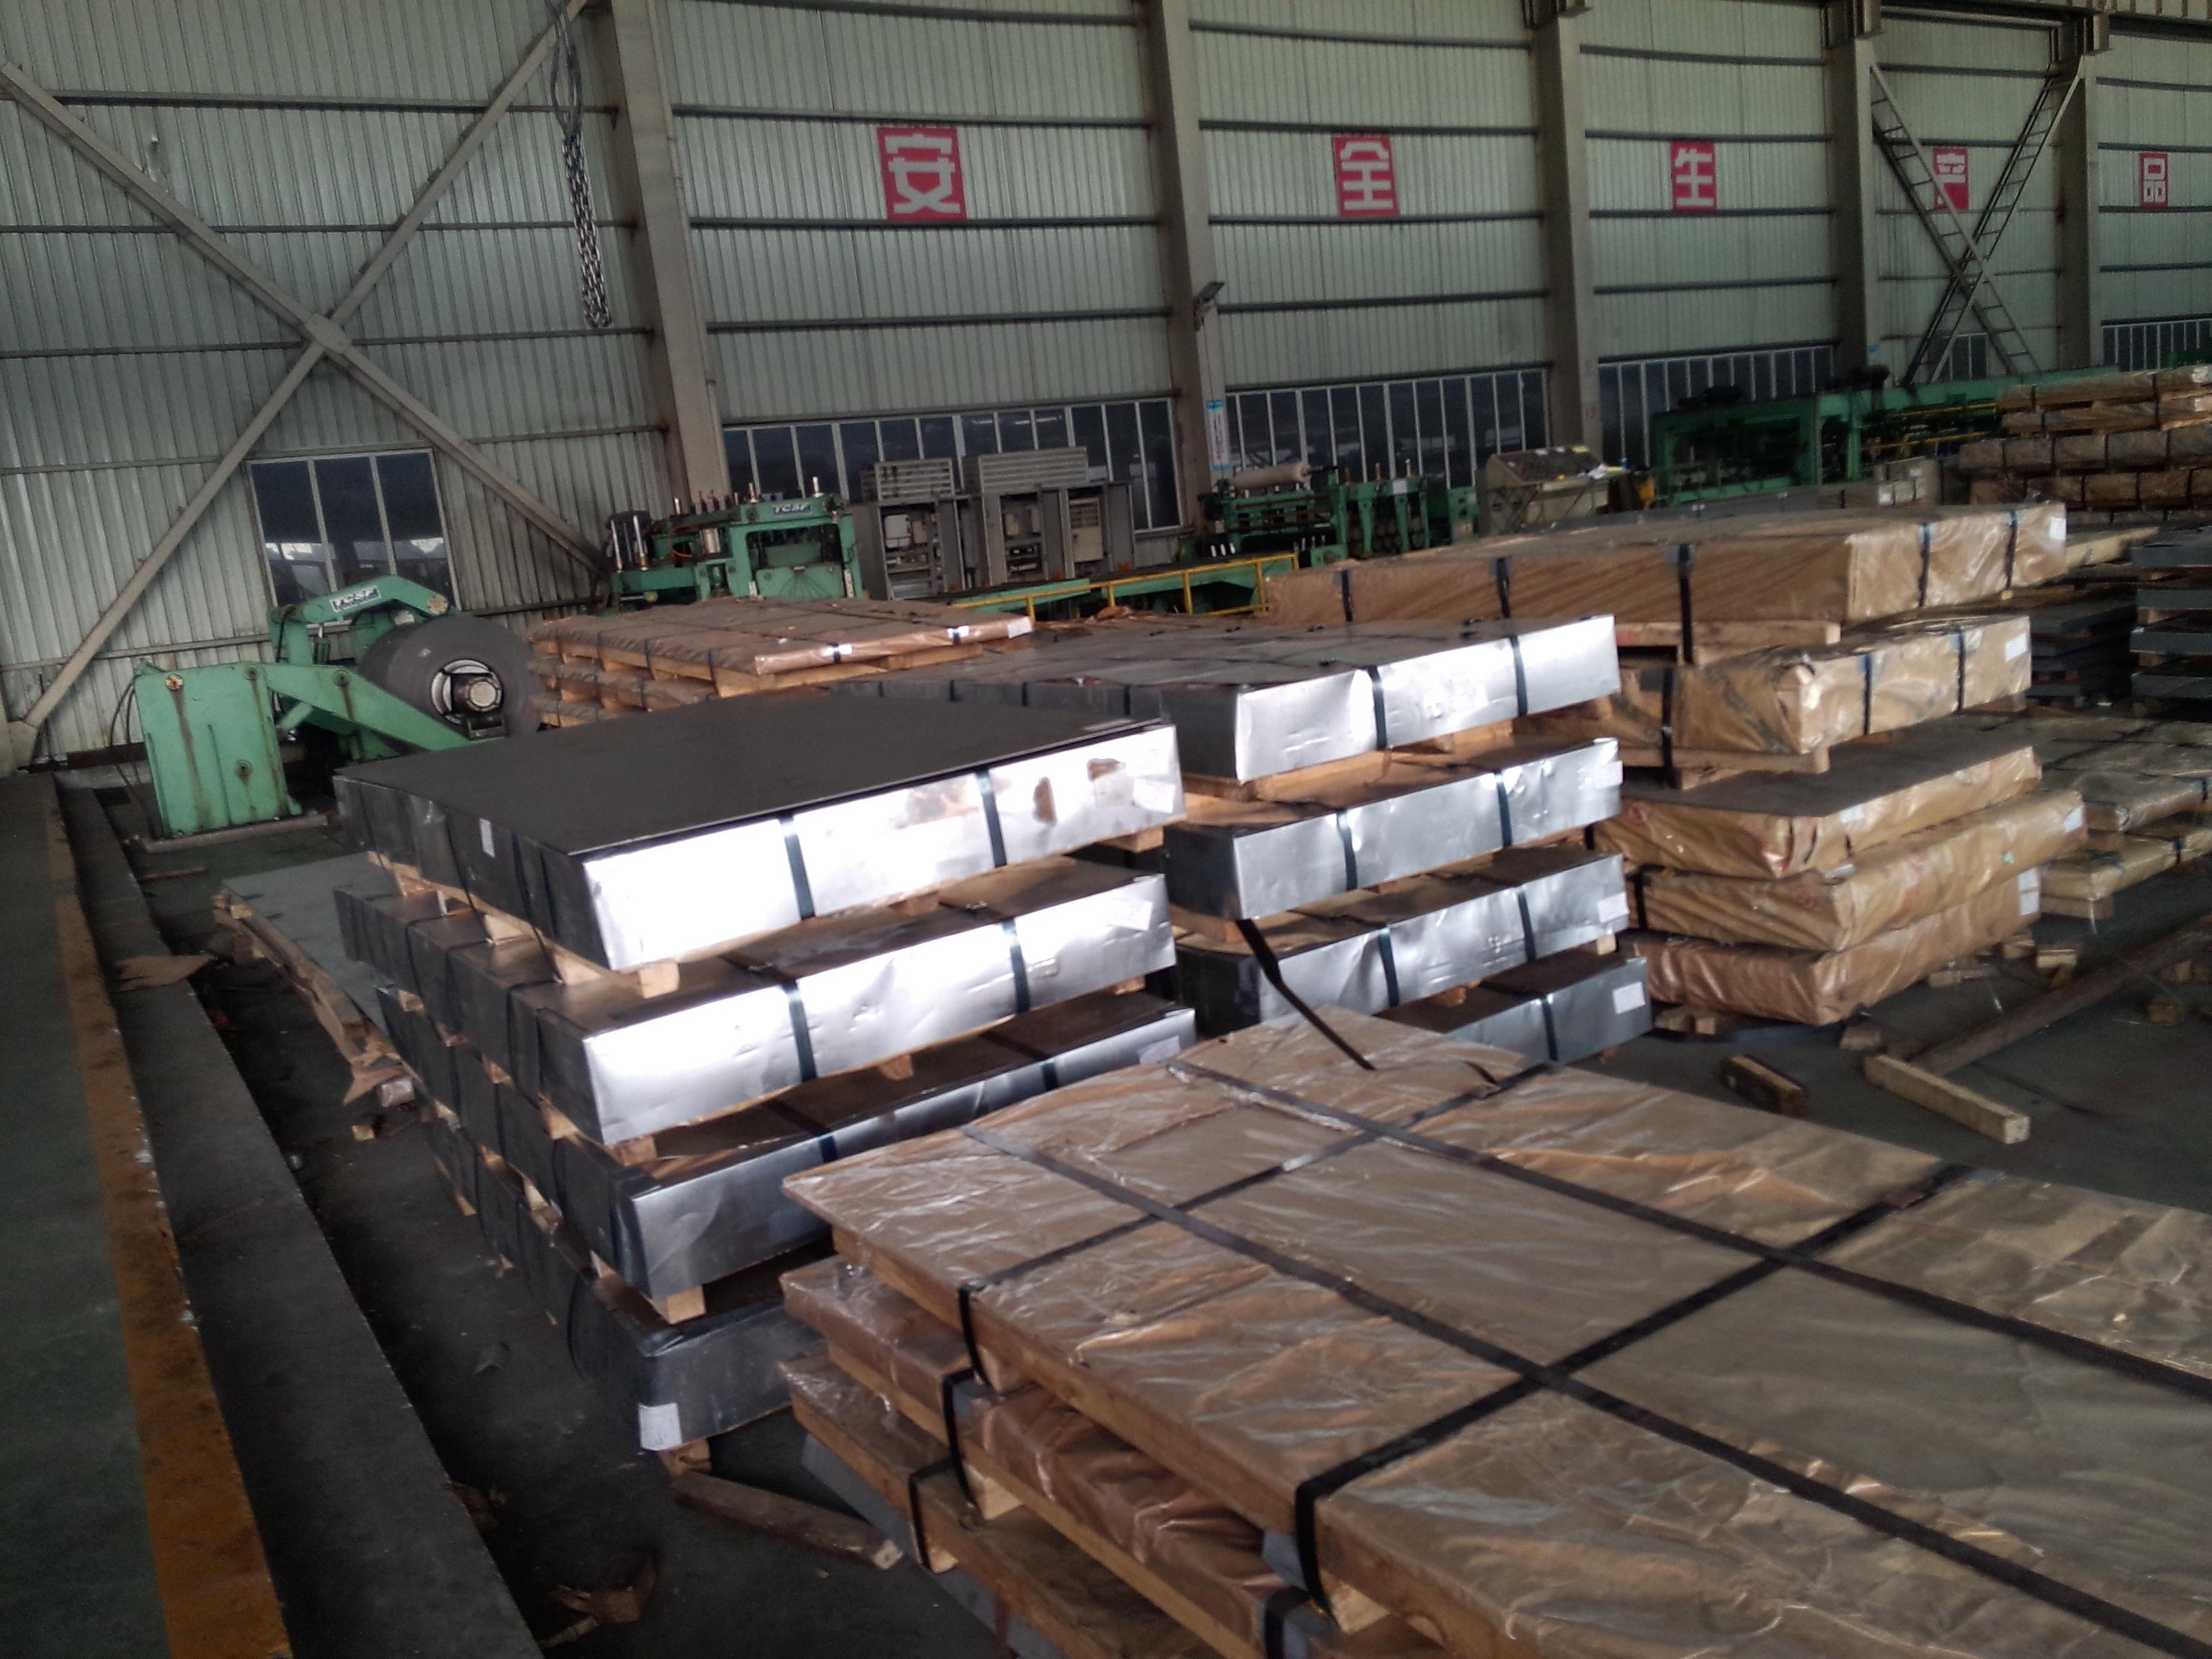 08al冷轧板太钢08al冷轧盒板厂家现货供应08al价格优惠质量高